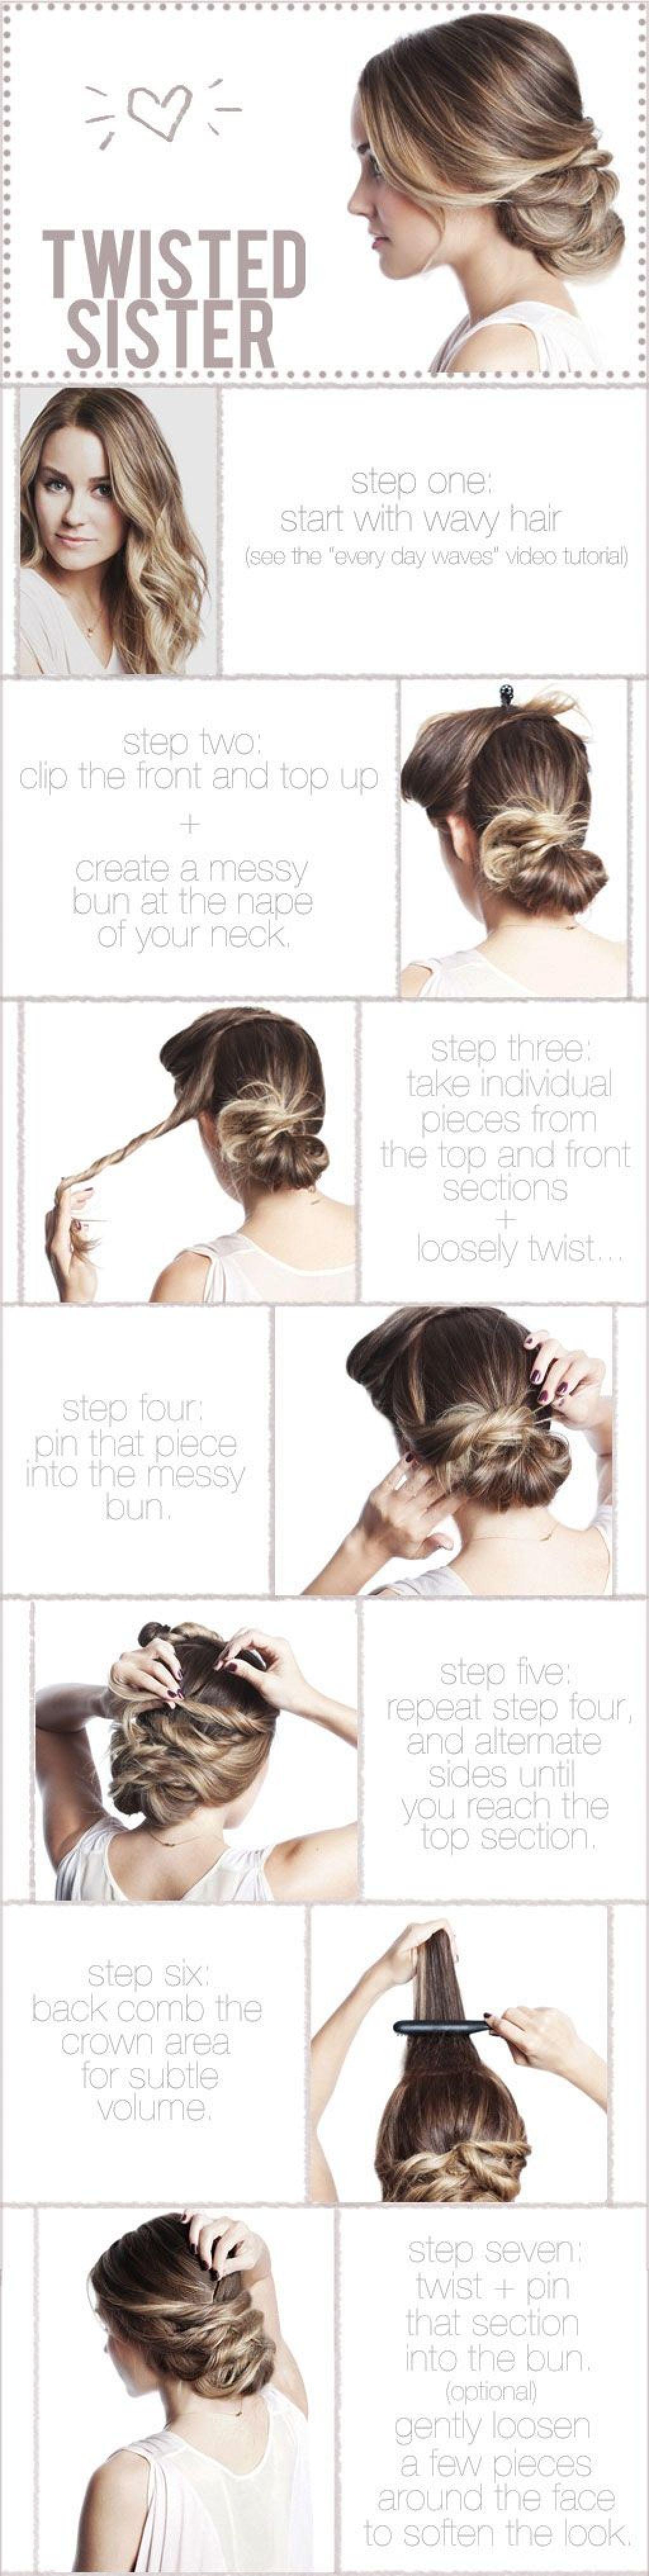 Pre Wedding Diy Bridal Hairstyles Tutorials Hair Help In 2018